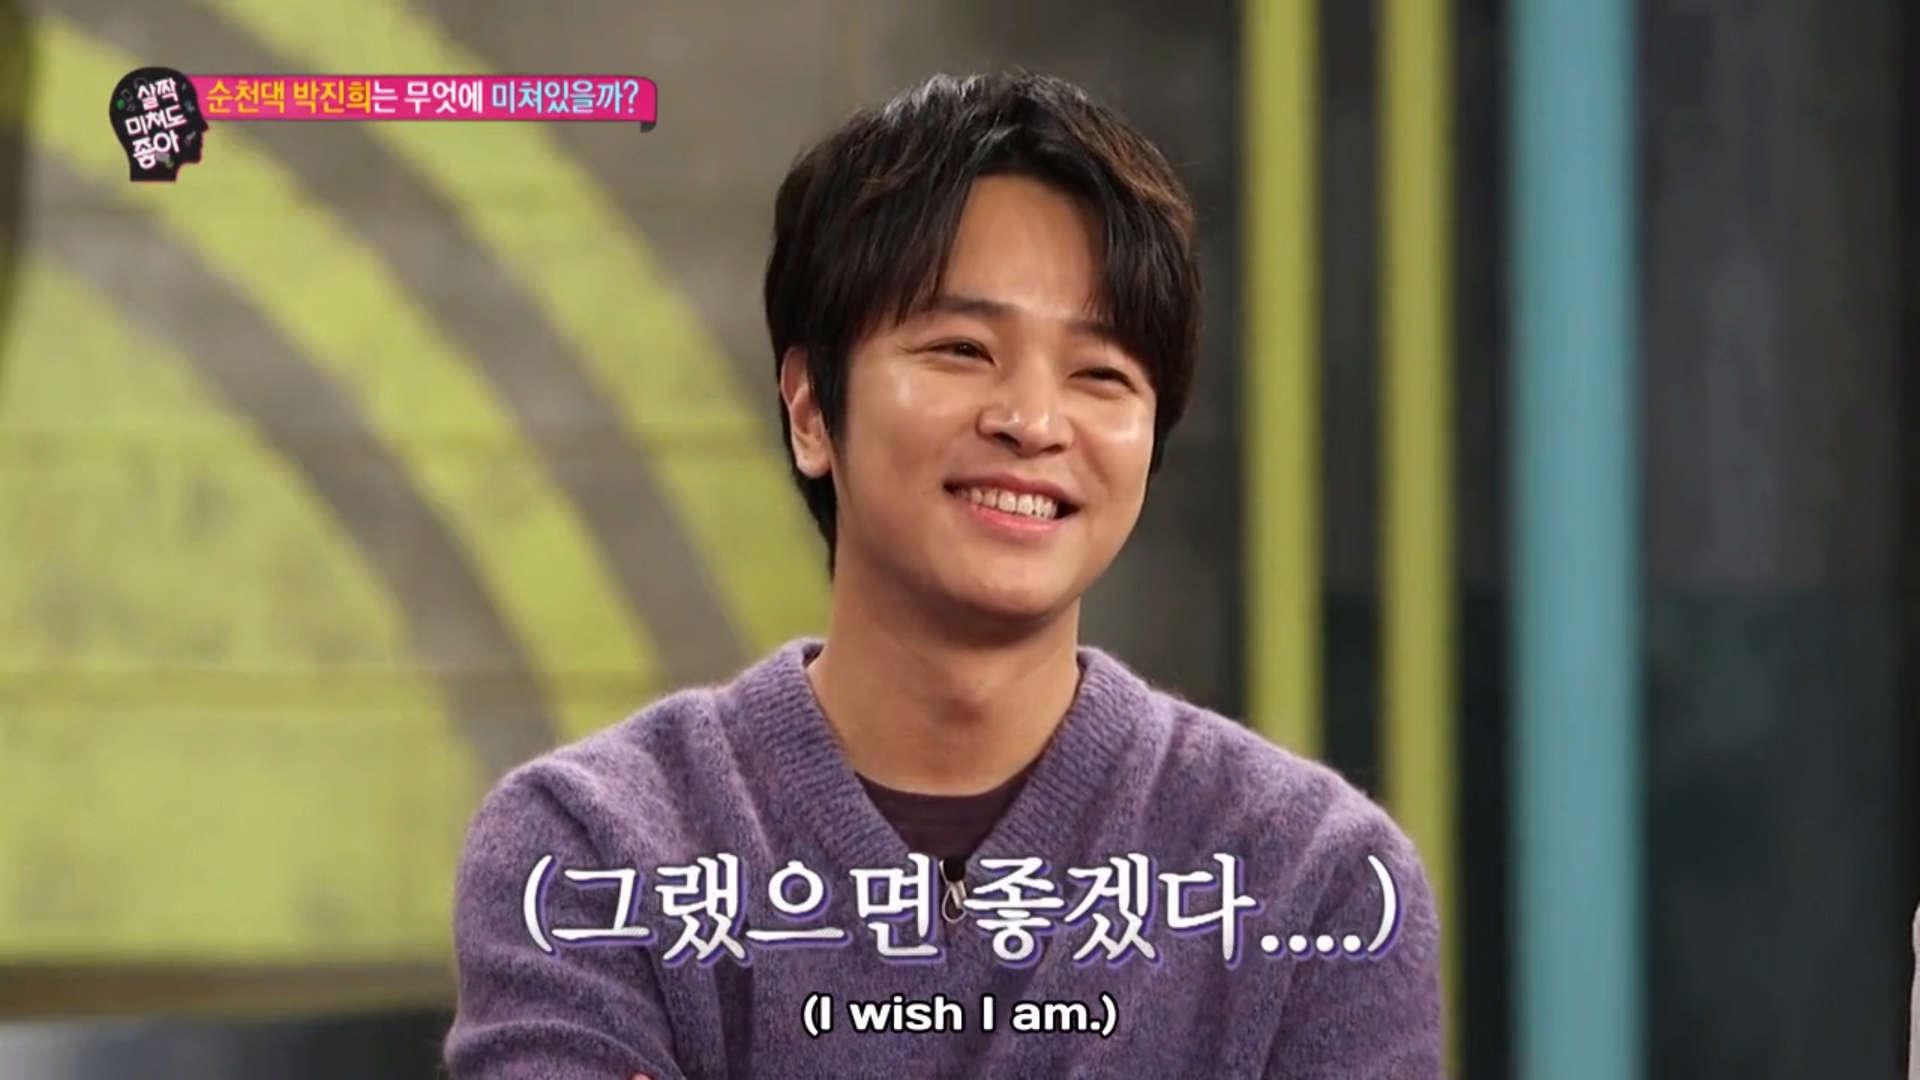 Kim Jeong Hoon apareció brevemente como invitado en el programa 살짝 미쳐도 좋아/'It's Okay To Go A Little Crazy/ Episodio 9  03610